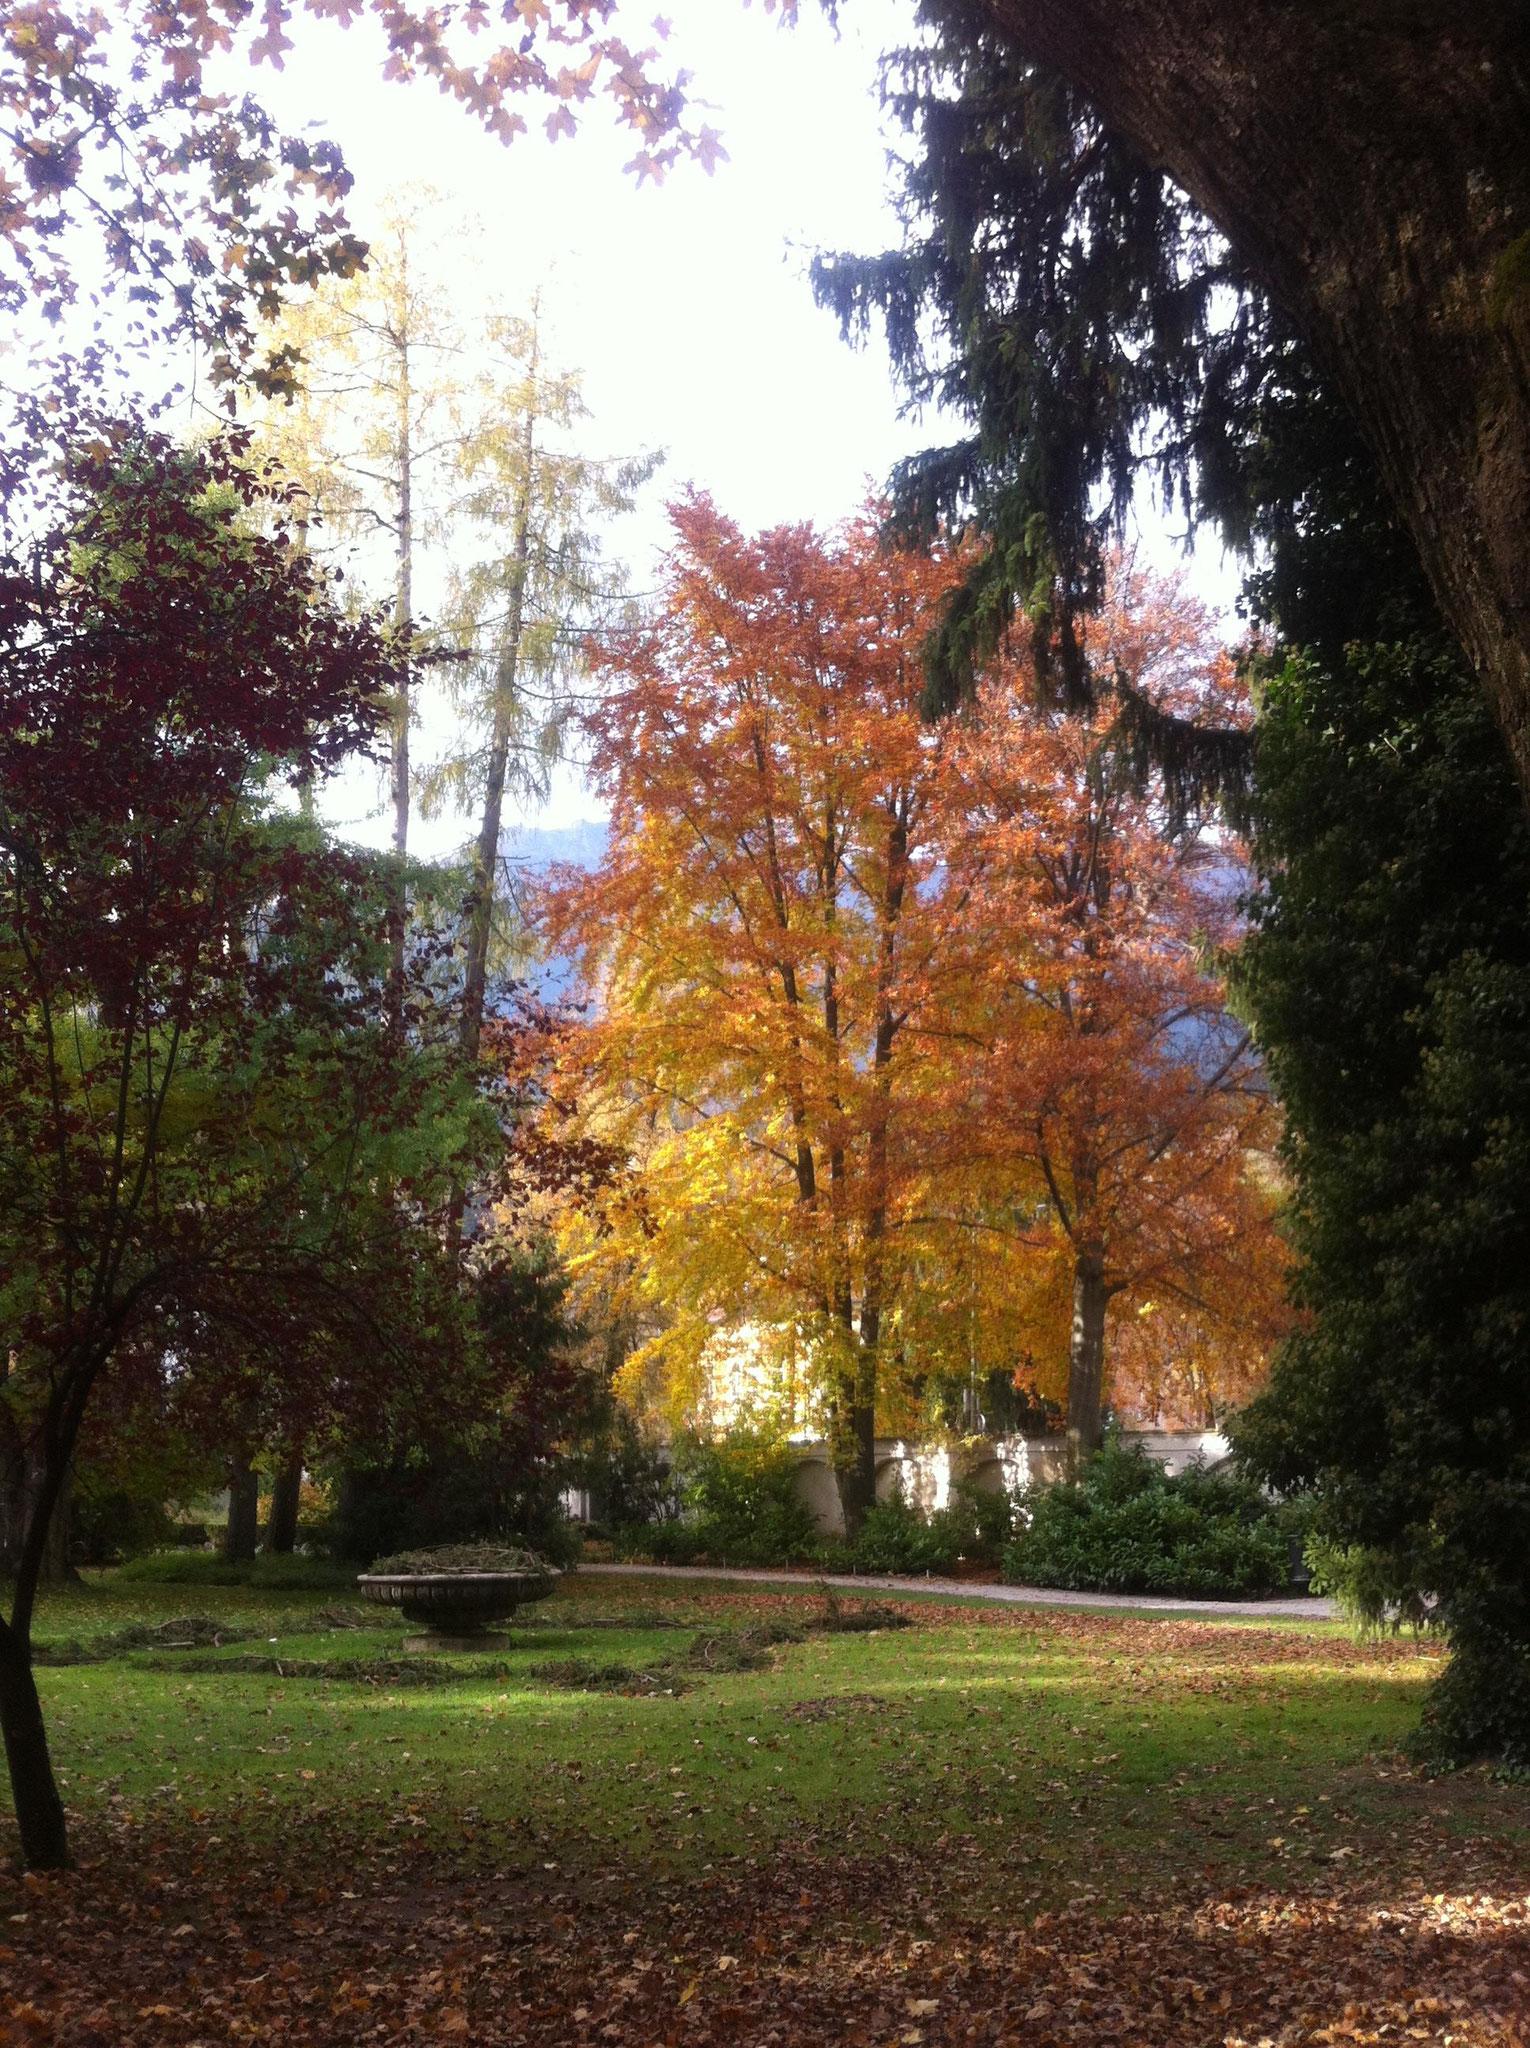 Herbst im Innsbrucker Hofgarten...  2016